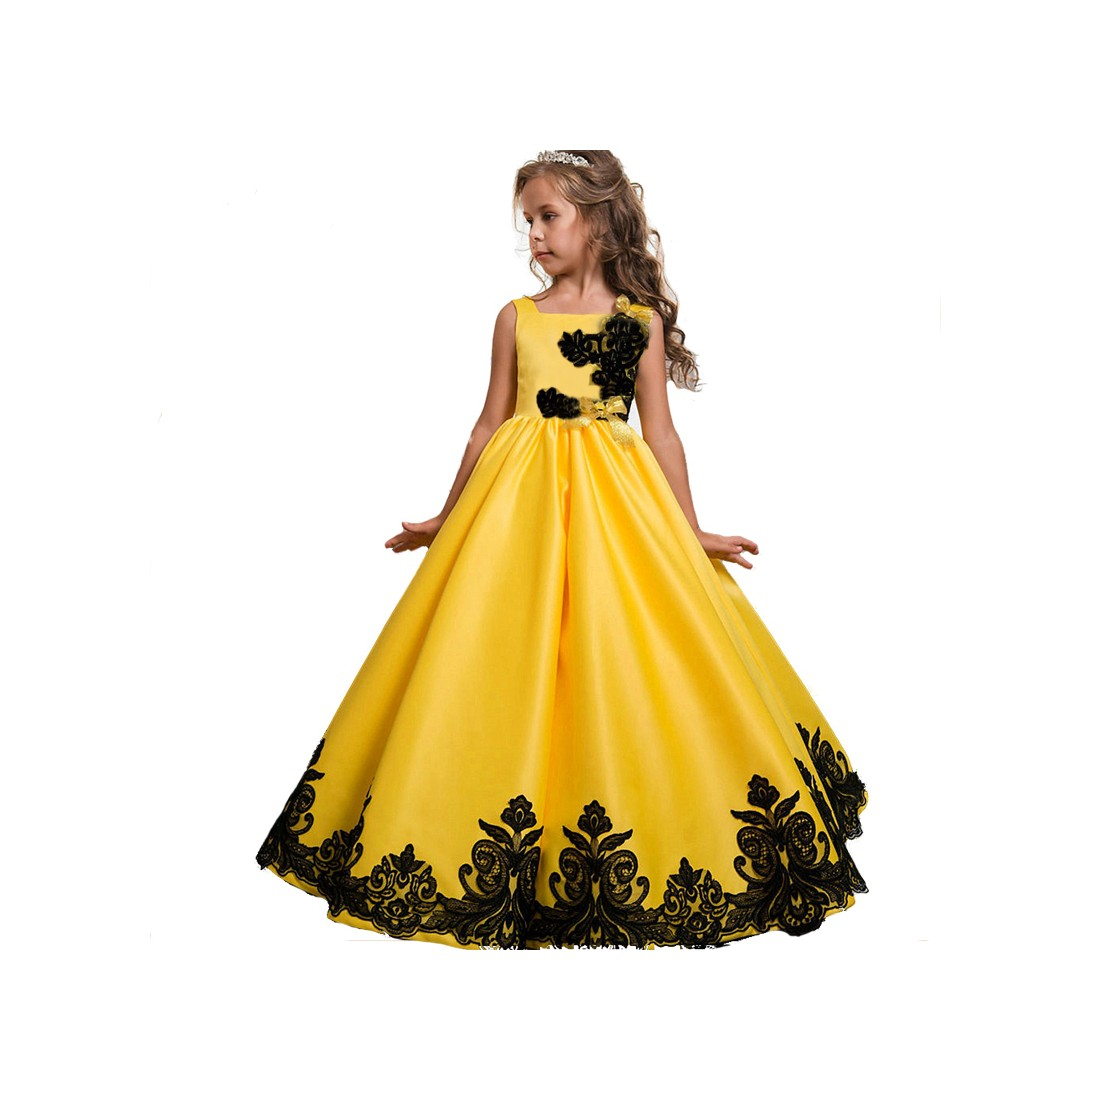 Modele de robe de soiree pour fillette